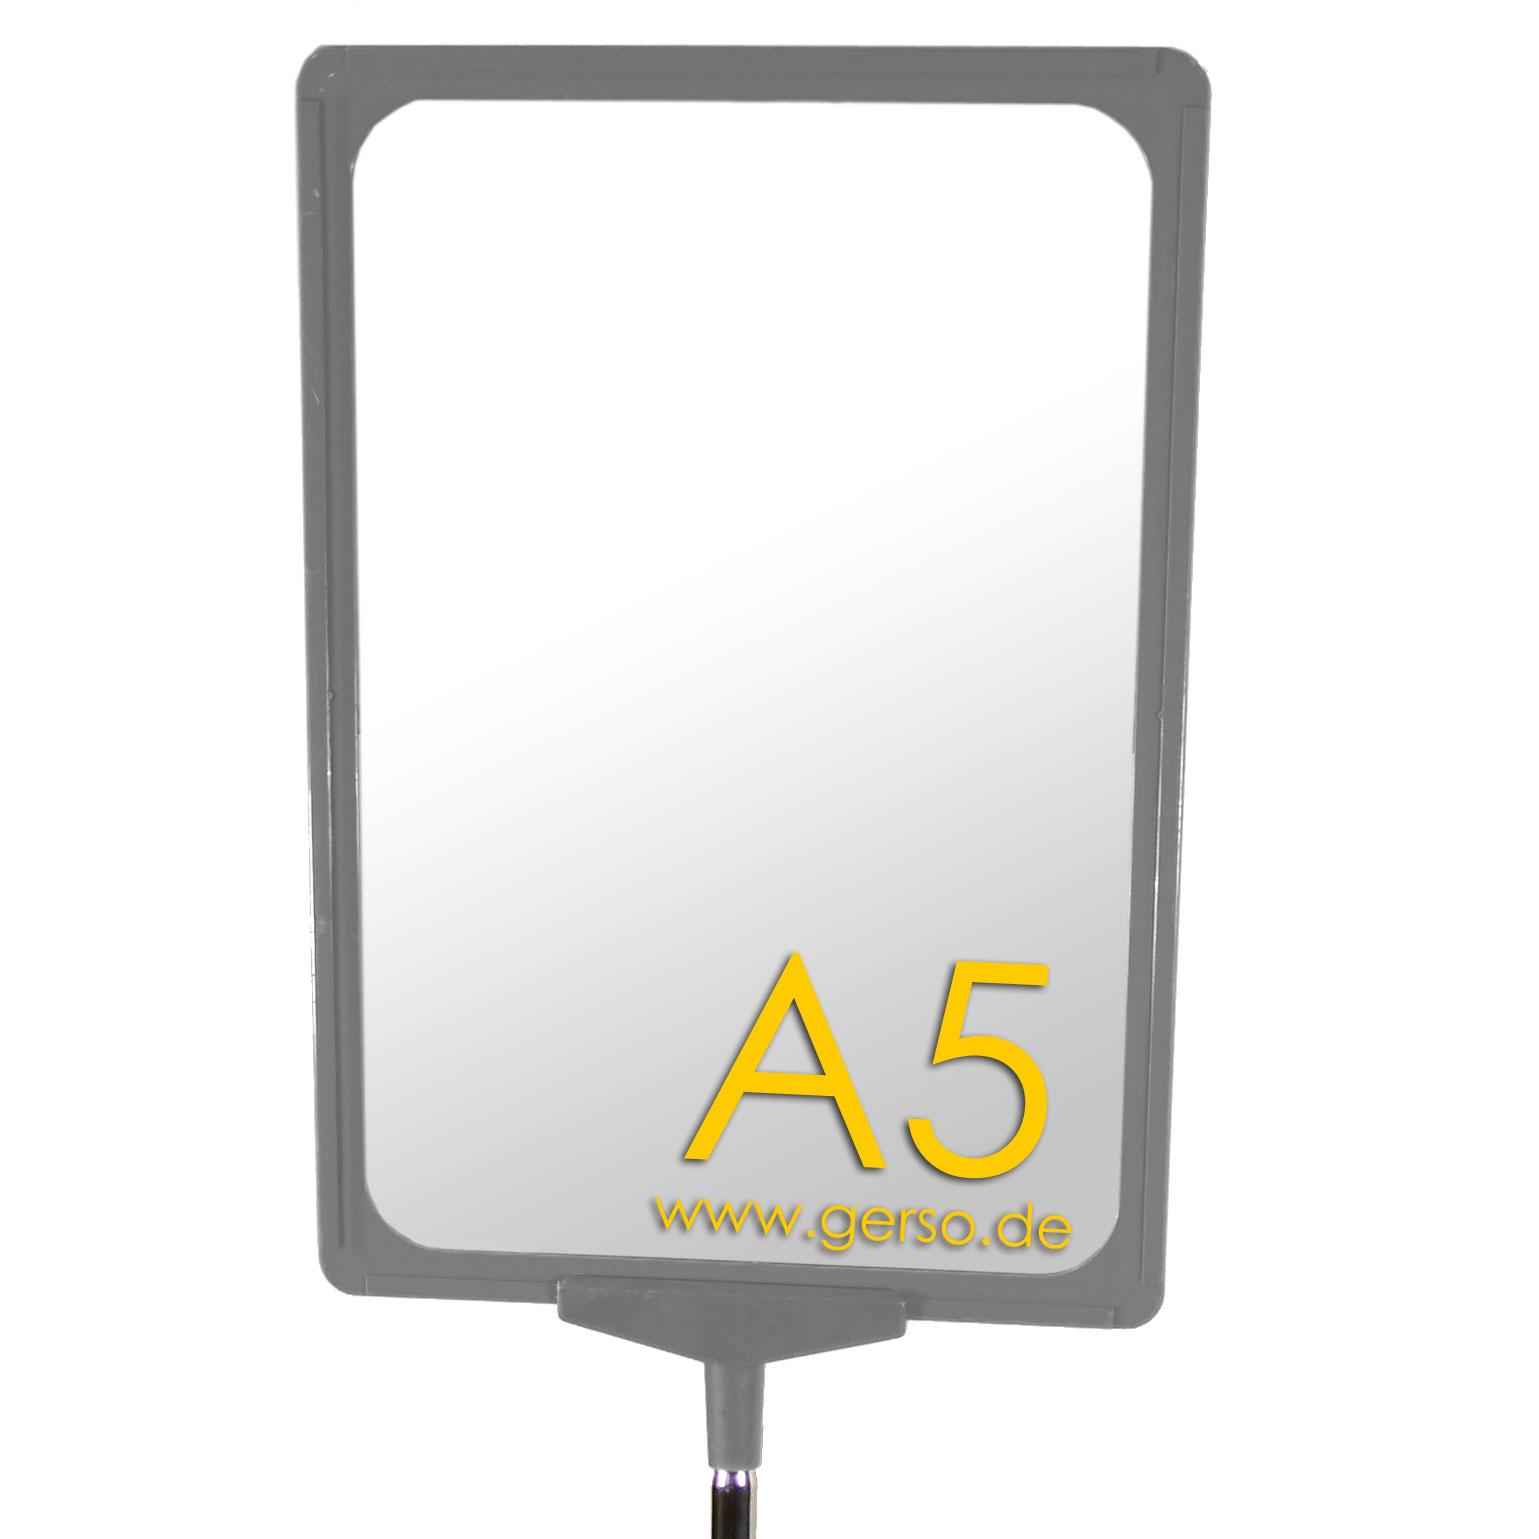 Plakatrahmen A5, grau, mit T-Stück und U-Tasche